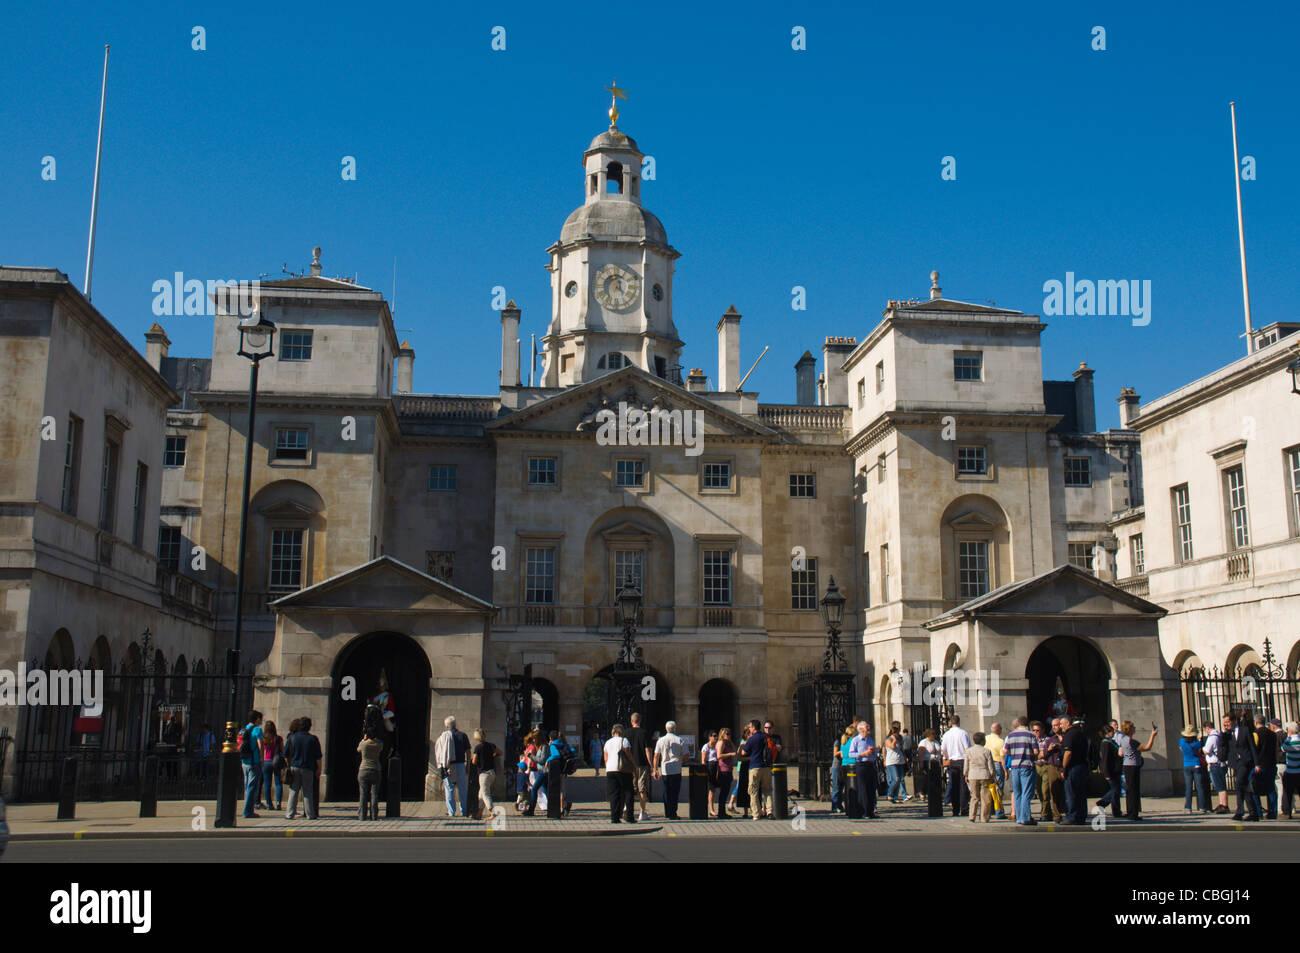 La Sfilata delle Guardie a Cavallo esterno Whitehall street Westminster central London Inghilterra UK Europa Immagini Stock